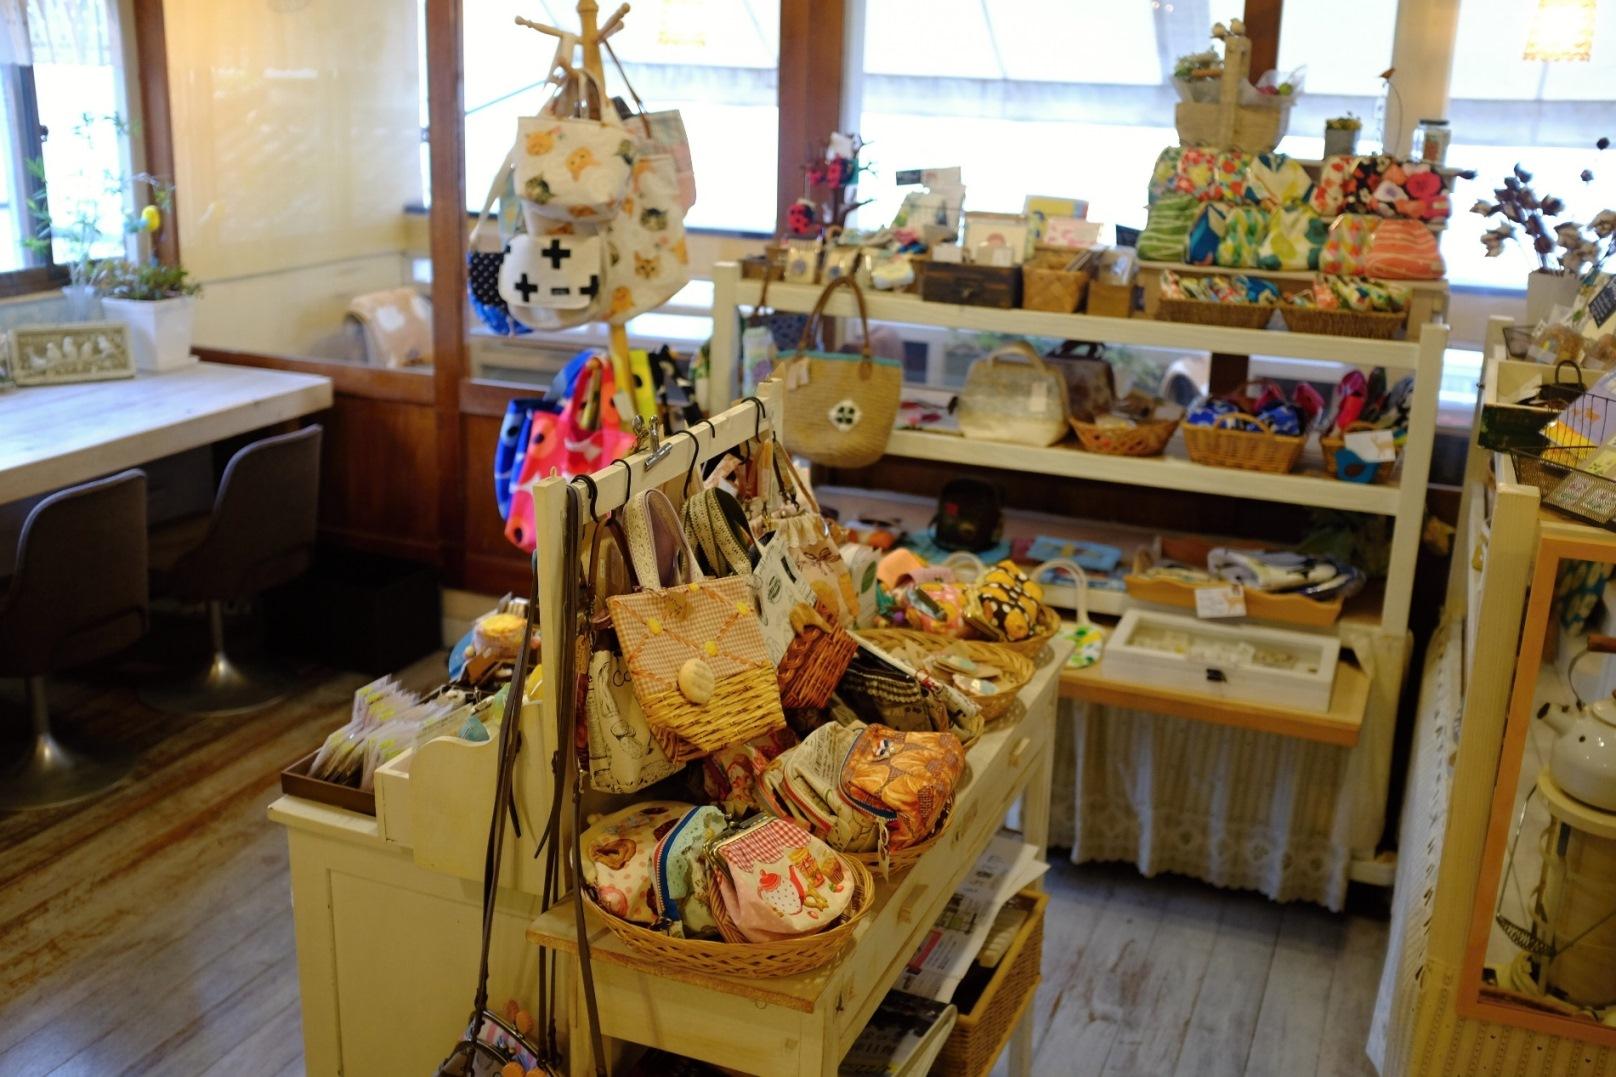 甘味遊行 パトリ cafe/market  / 奈良町_d0233770_23161827.jpg